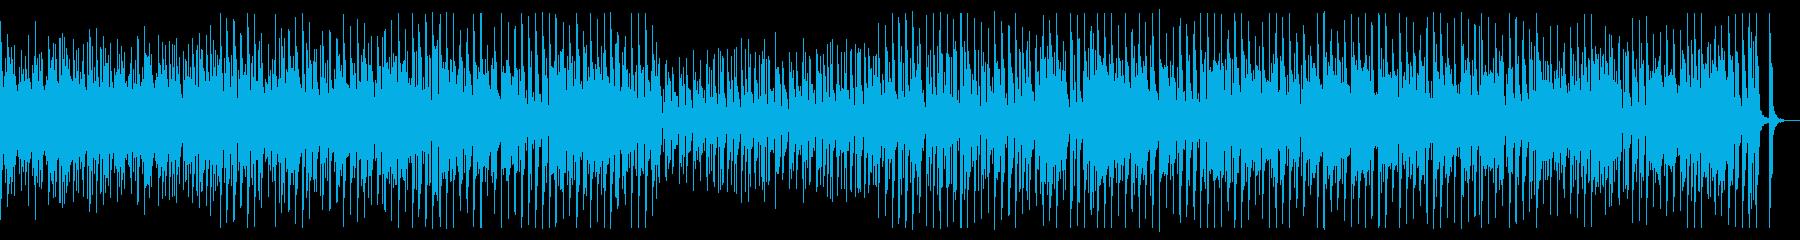 散歩。ポップス_6の再生済みの波形